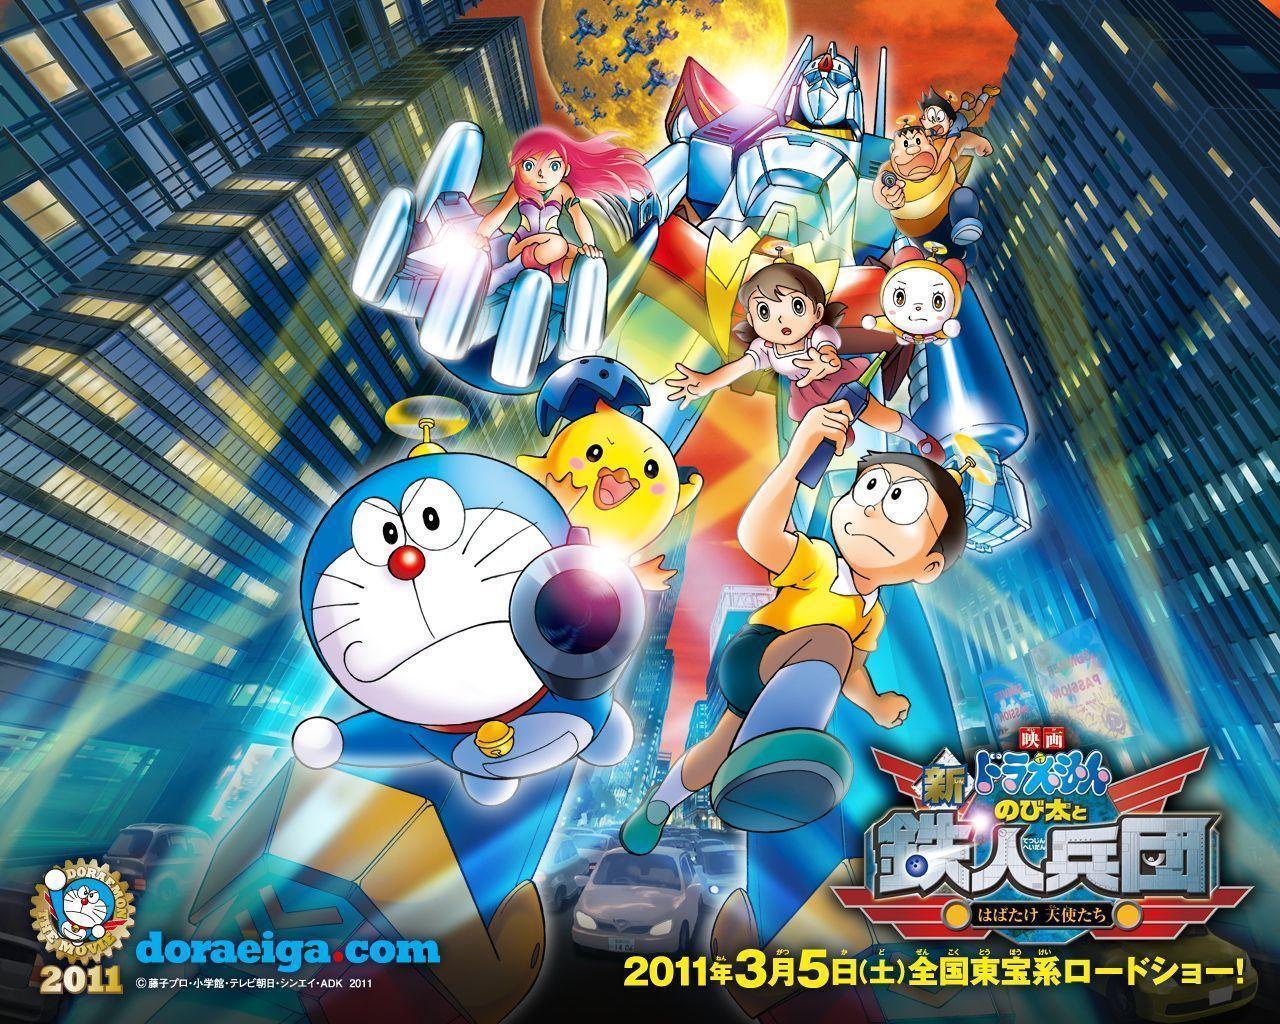 Nobita 3d Wallpaper Doraemon 3d Wallpapers 2017 Wallpaper Cave